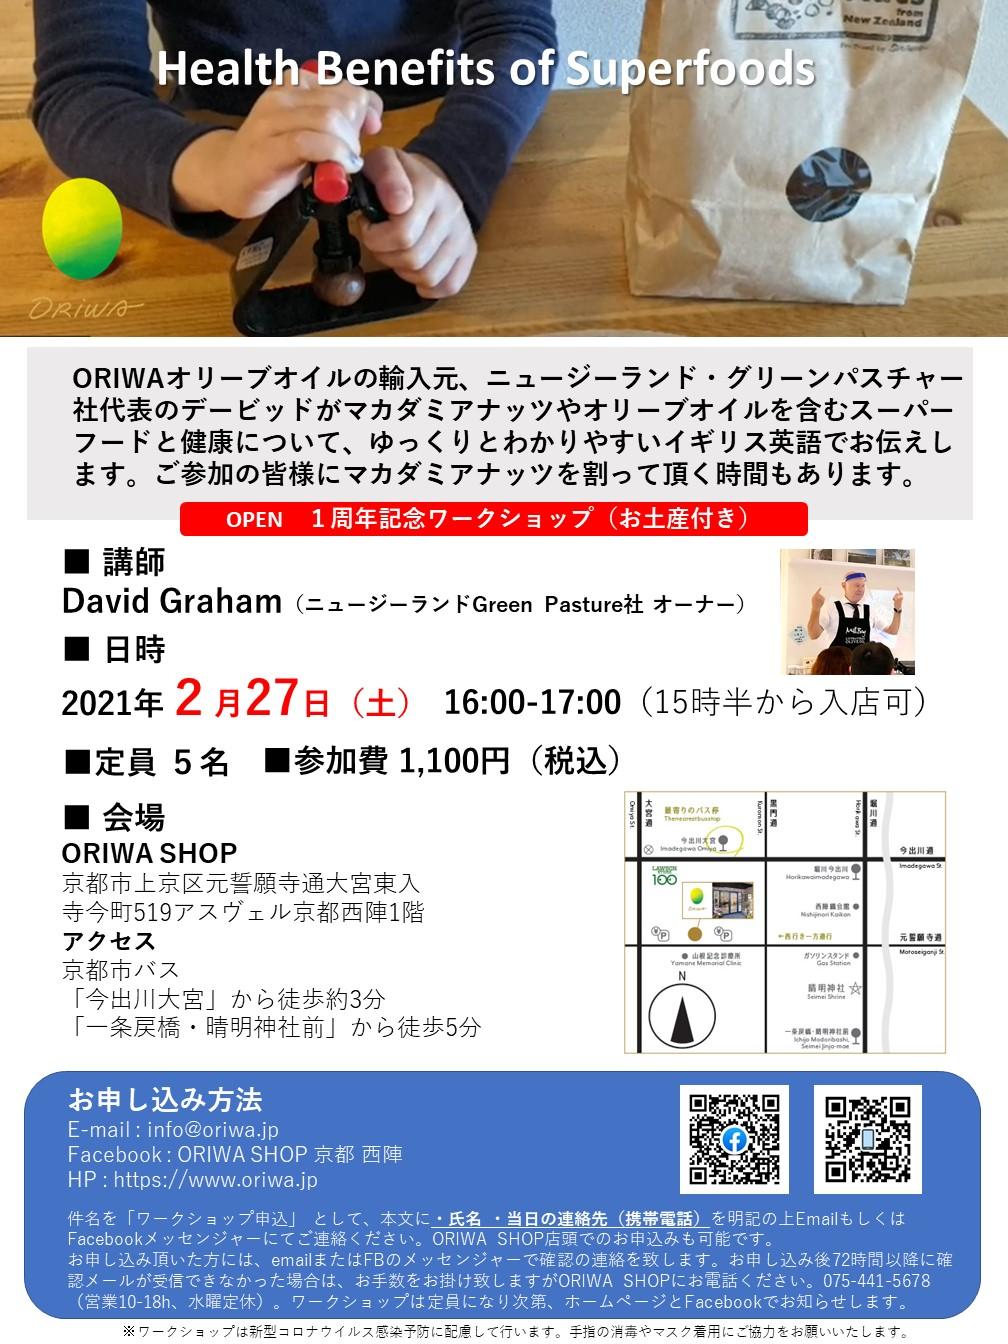 2/27(土) ORIWAワークショップ「Health Benefits of Superfoods」開催!